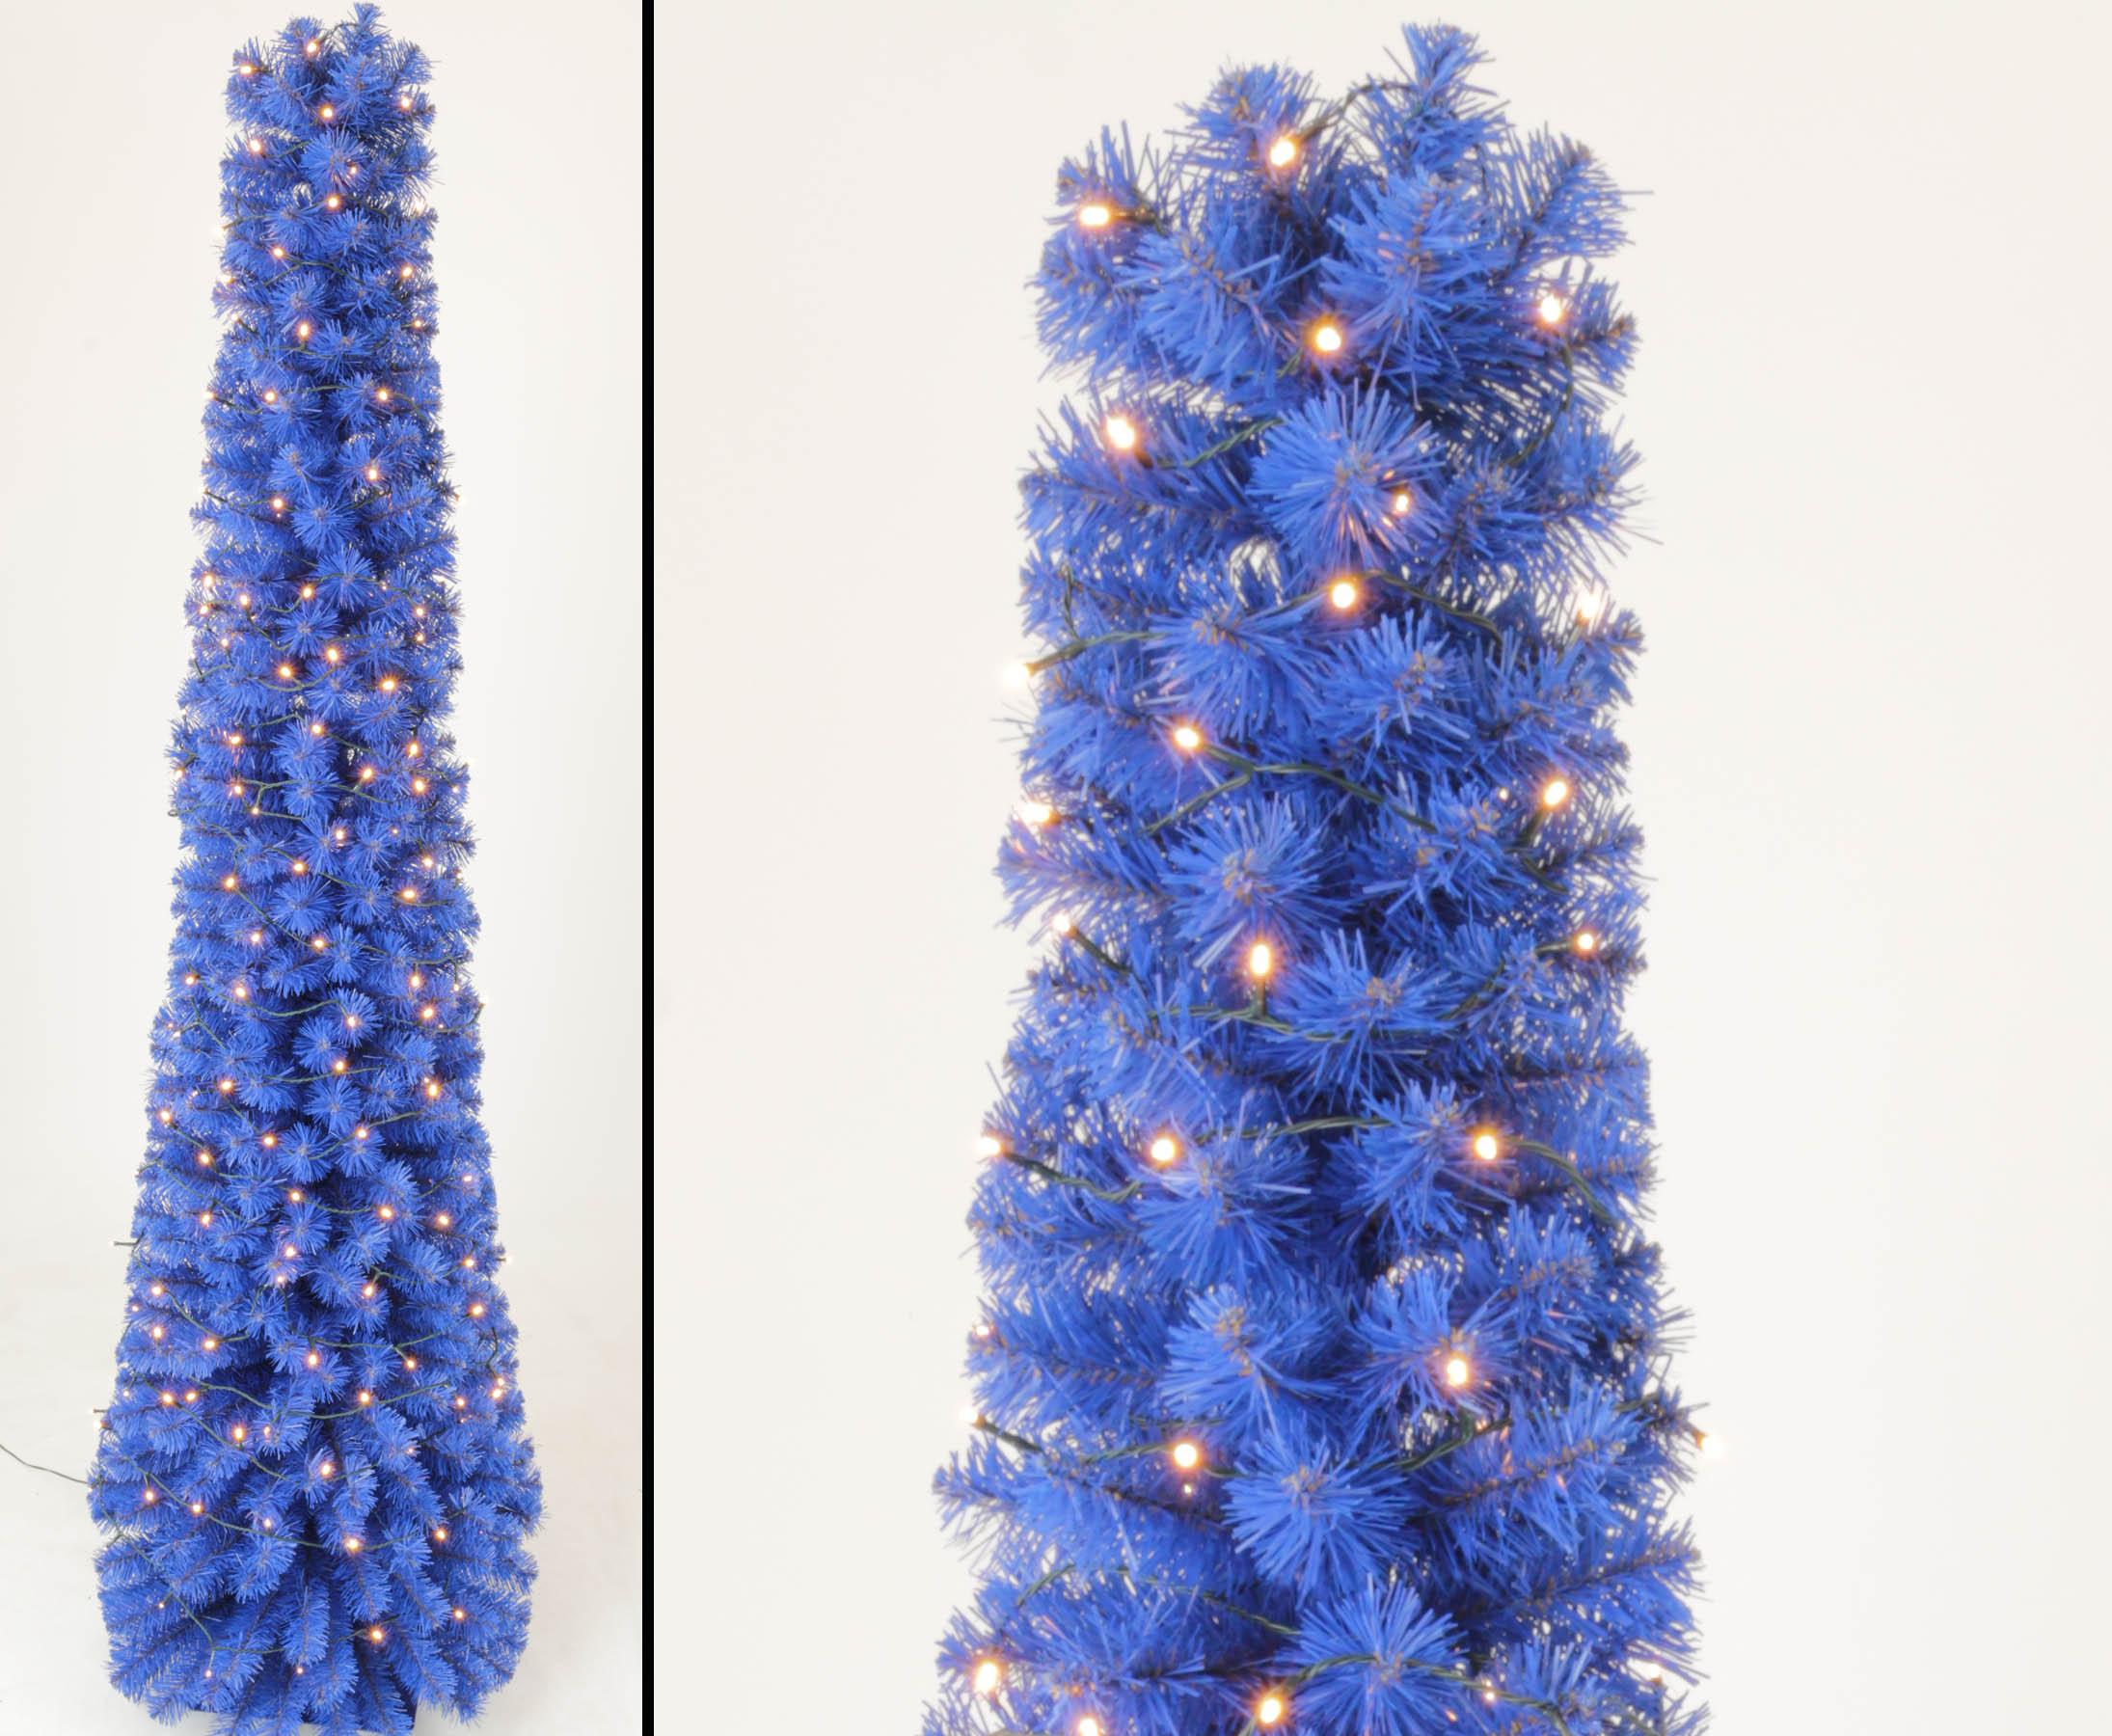 farbige k nstliche weihnachtsb ume jetzt online bestellen. Black Bedroom Furniture Sets. Home Design Ideas